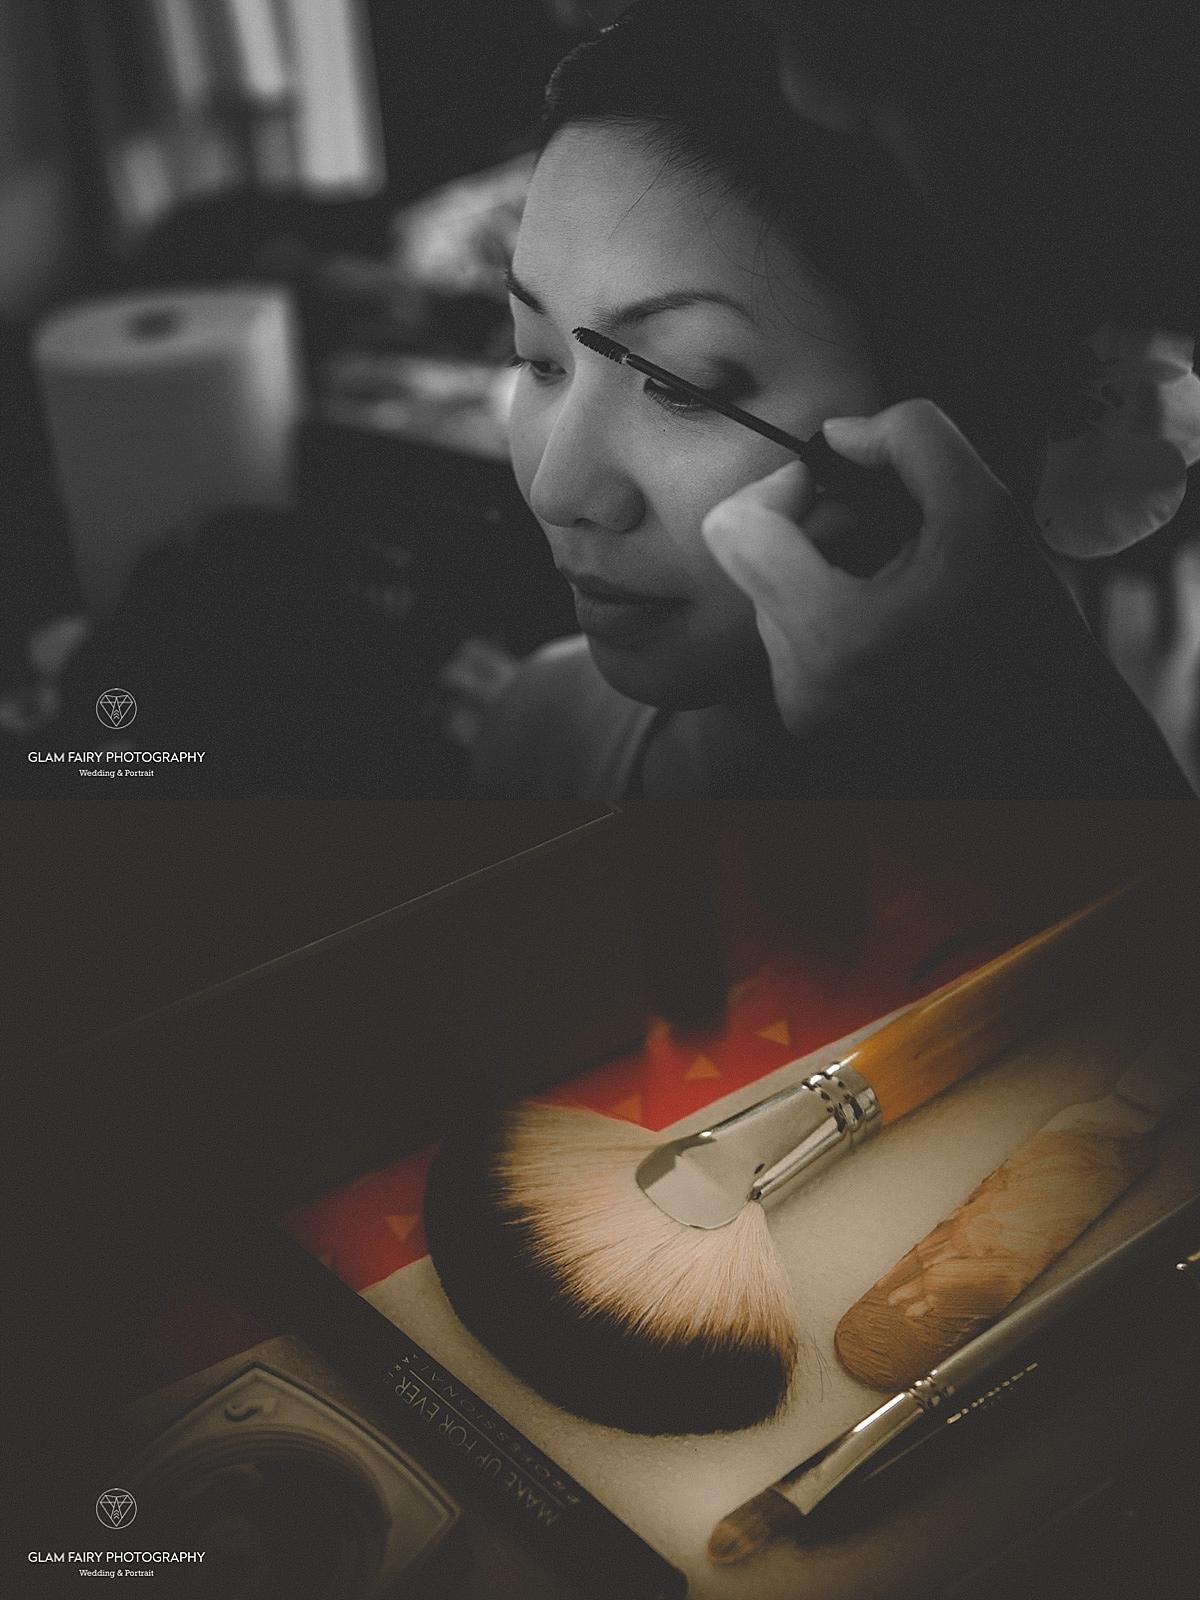 GlamFairyPhotography-mariage-chinois-paris-marisouk_0001